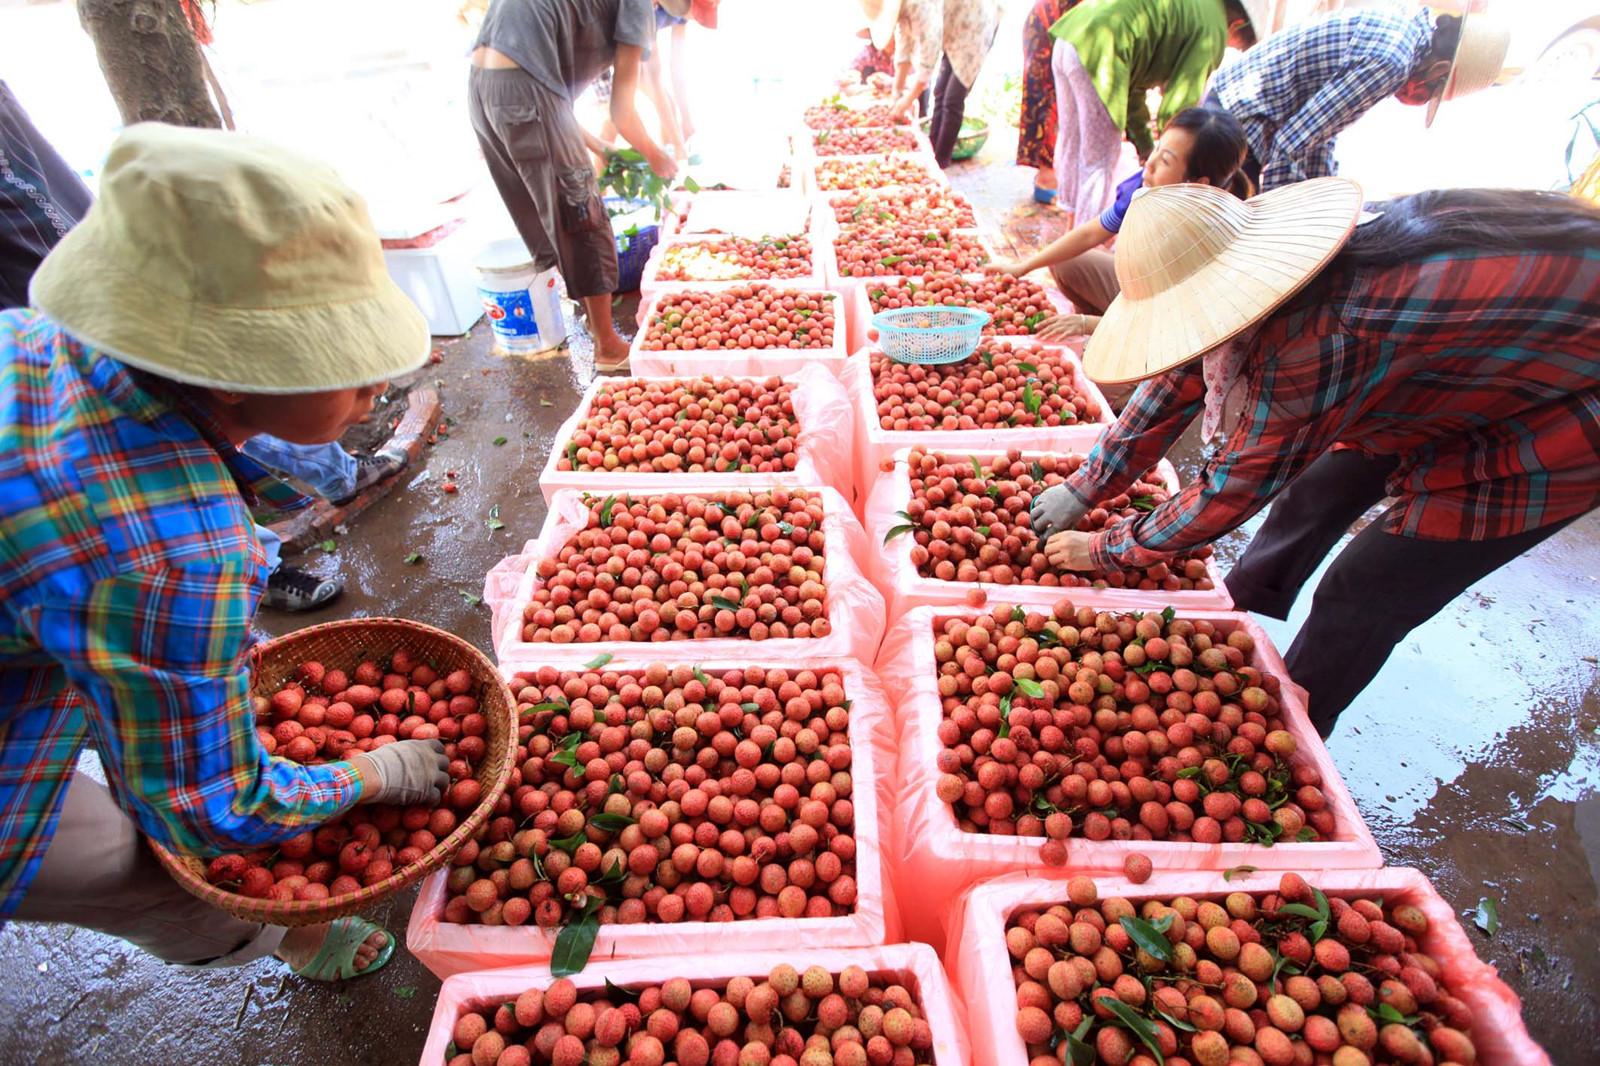 Trung Quốc 'bao tiêu' hơn 90% thị trường xuất khẩu quả vải Việt